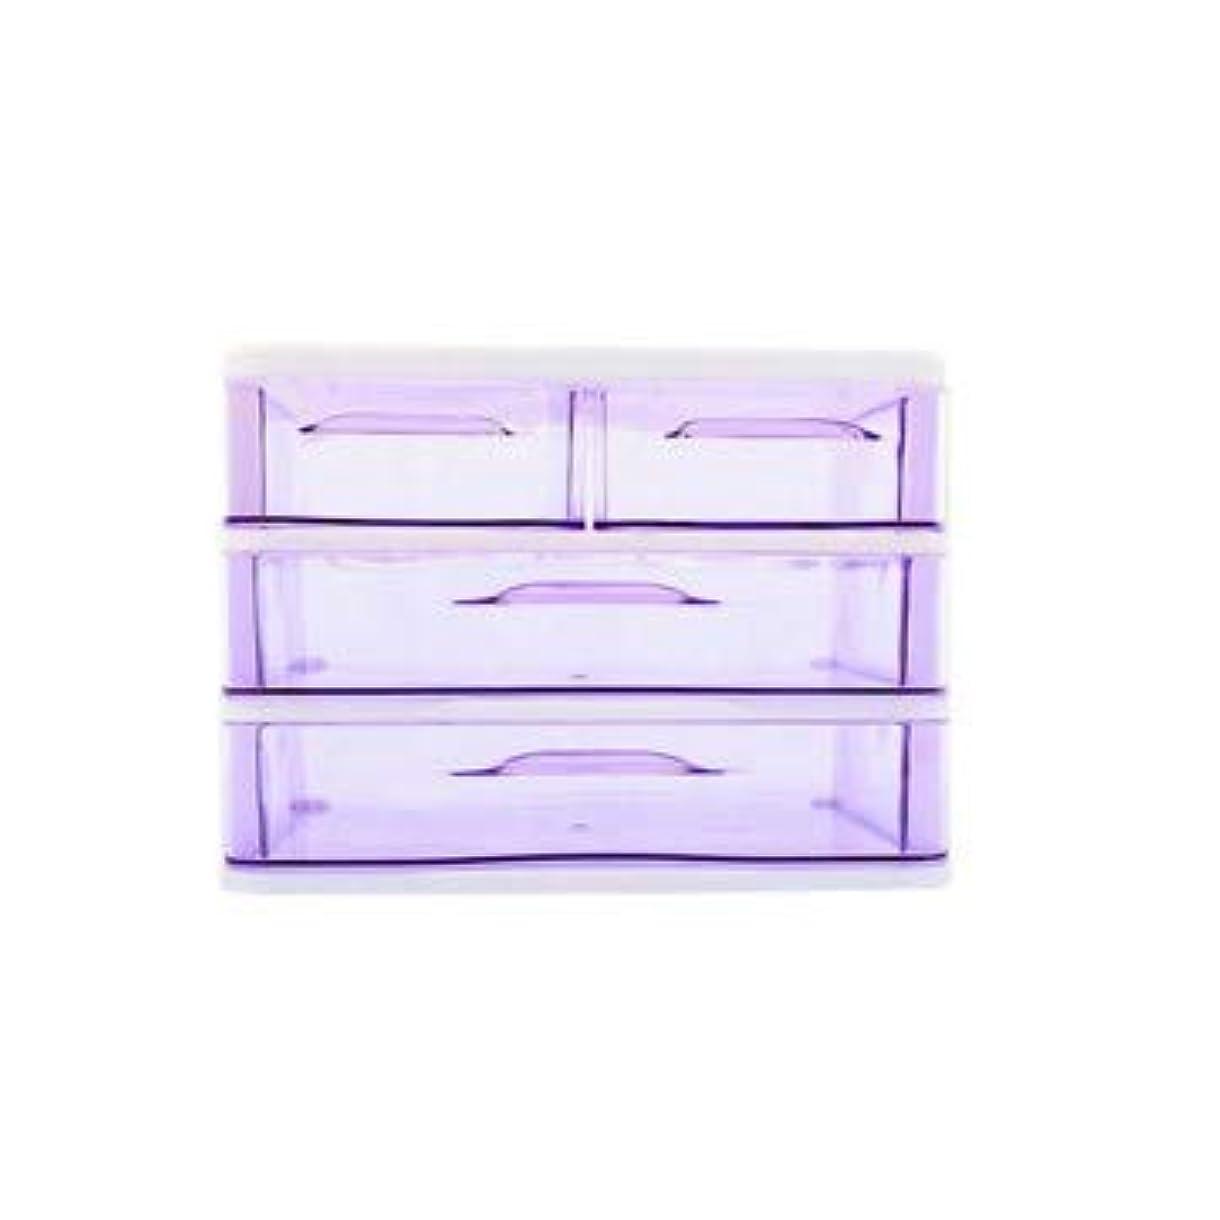 アルファベット順脱走アミューズメントクリエイティブ収納ボックス三層プラスチック化粧品収納ボックスデスクトップ引き出し型仕上げボックス収納ボックス化粧箱 (Color : Purple)